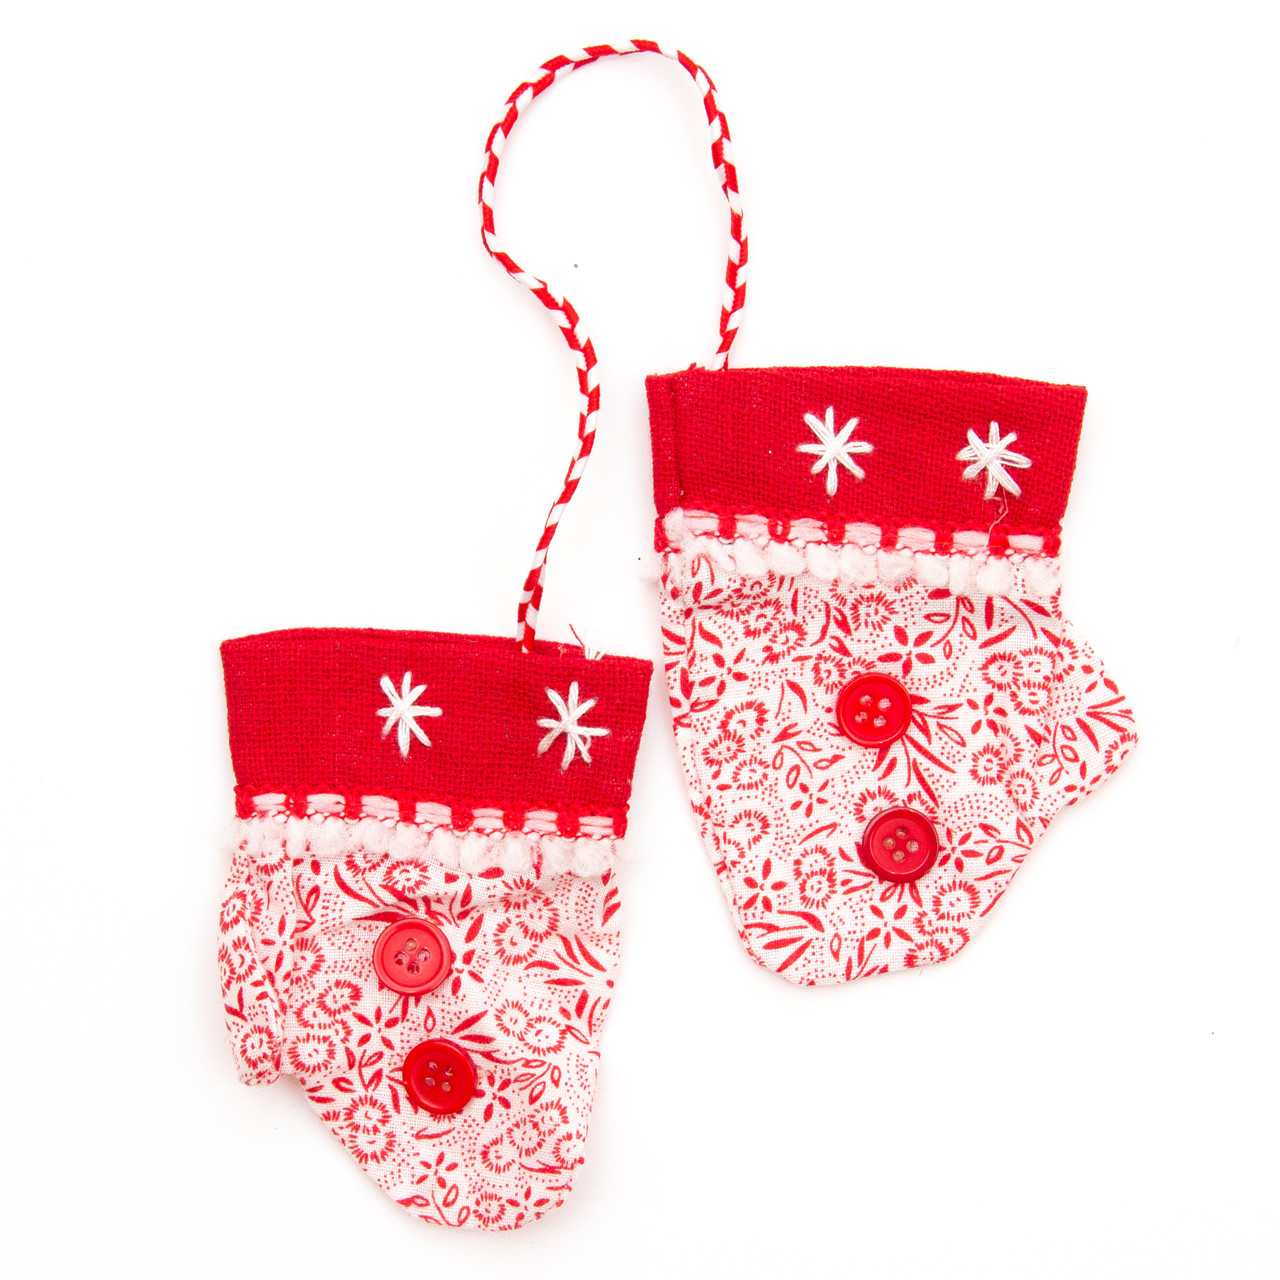 Бело-красные тканевые украшения, рукавички, 20см (430314-2)